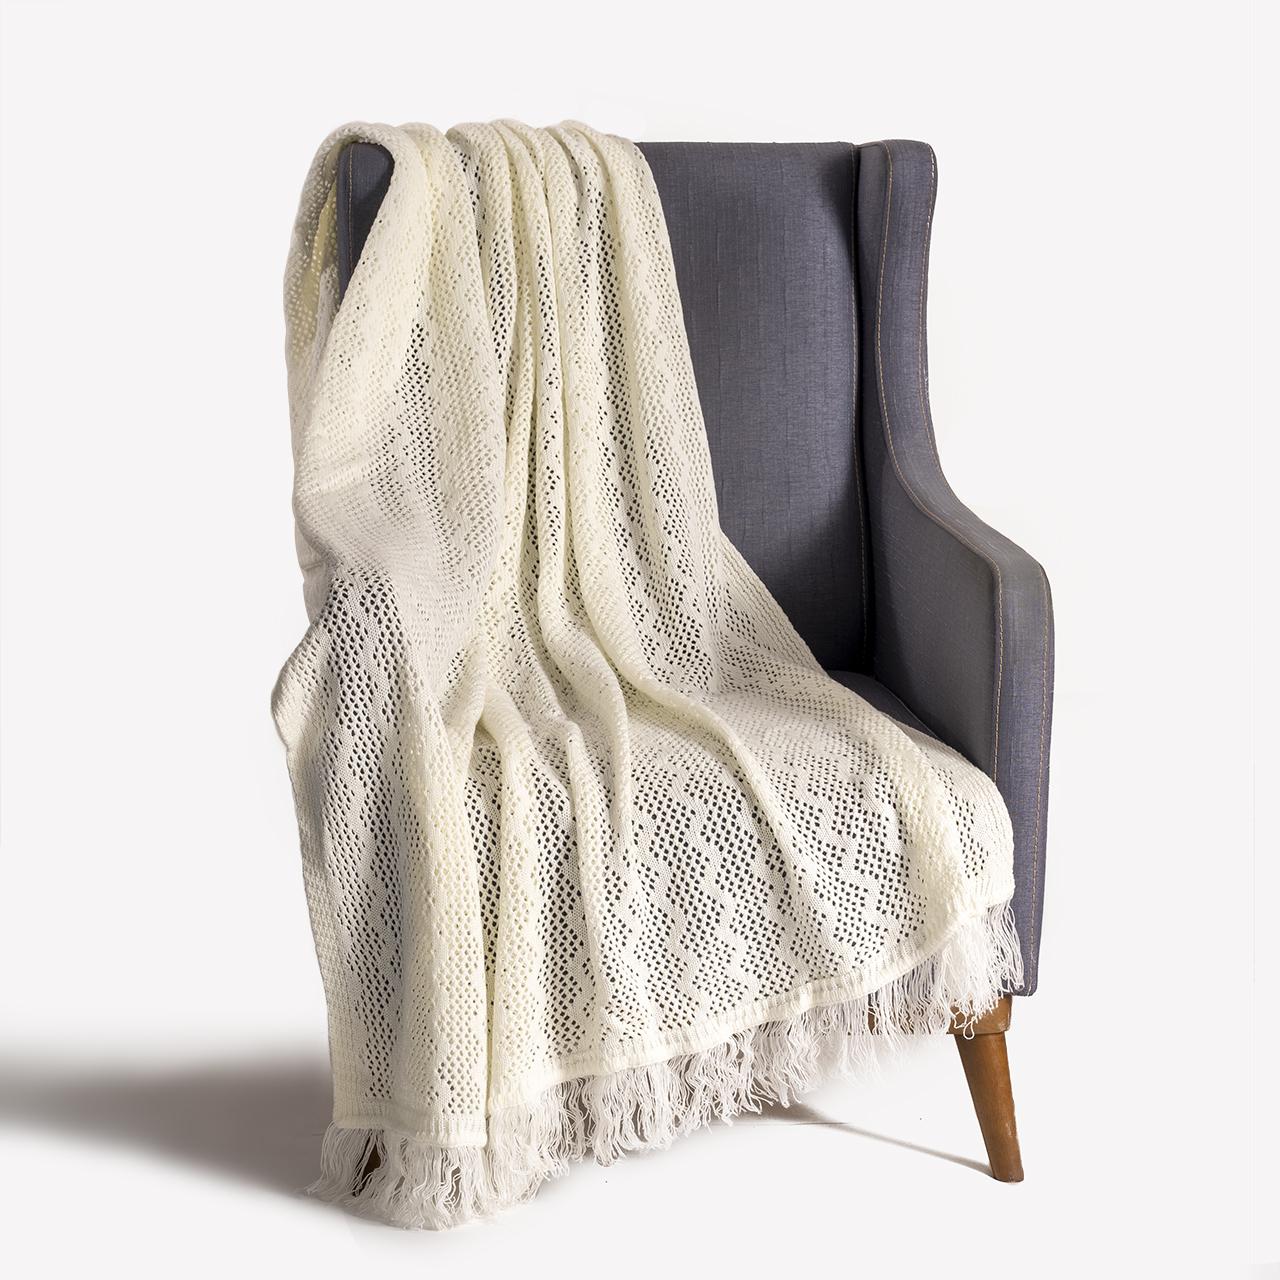 شال مبل و تخت مدل Bahare سایز 140x200 سانتیمتر